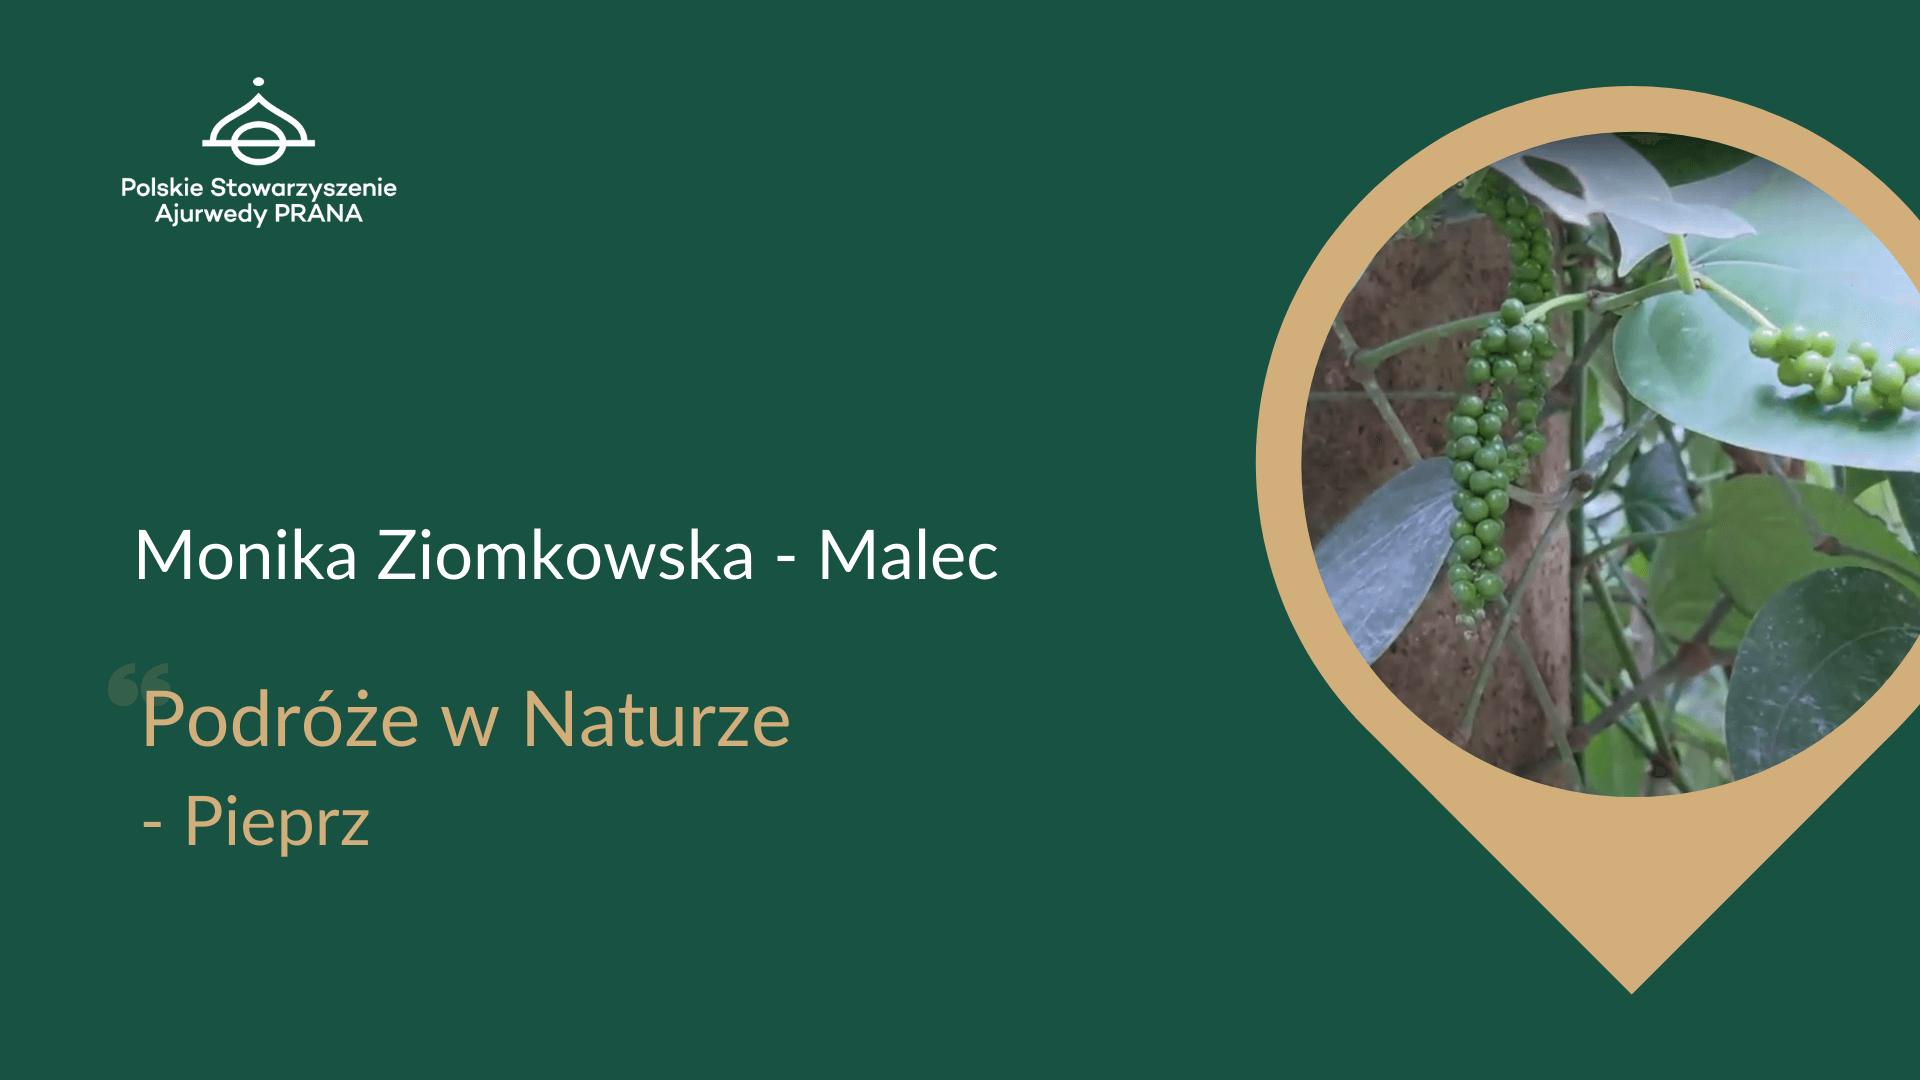 Podróże w Naturze – Pieprz